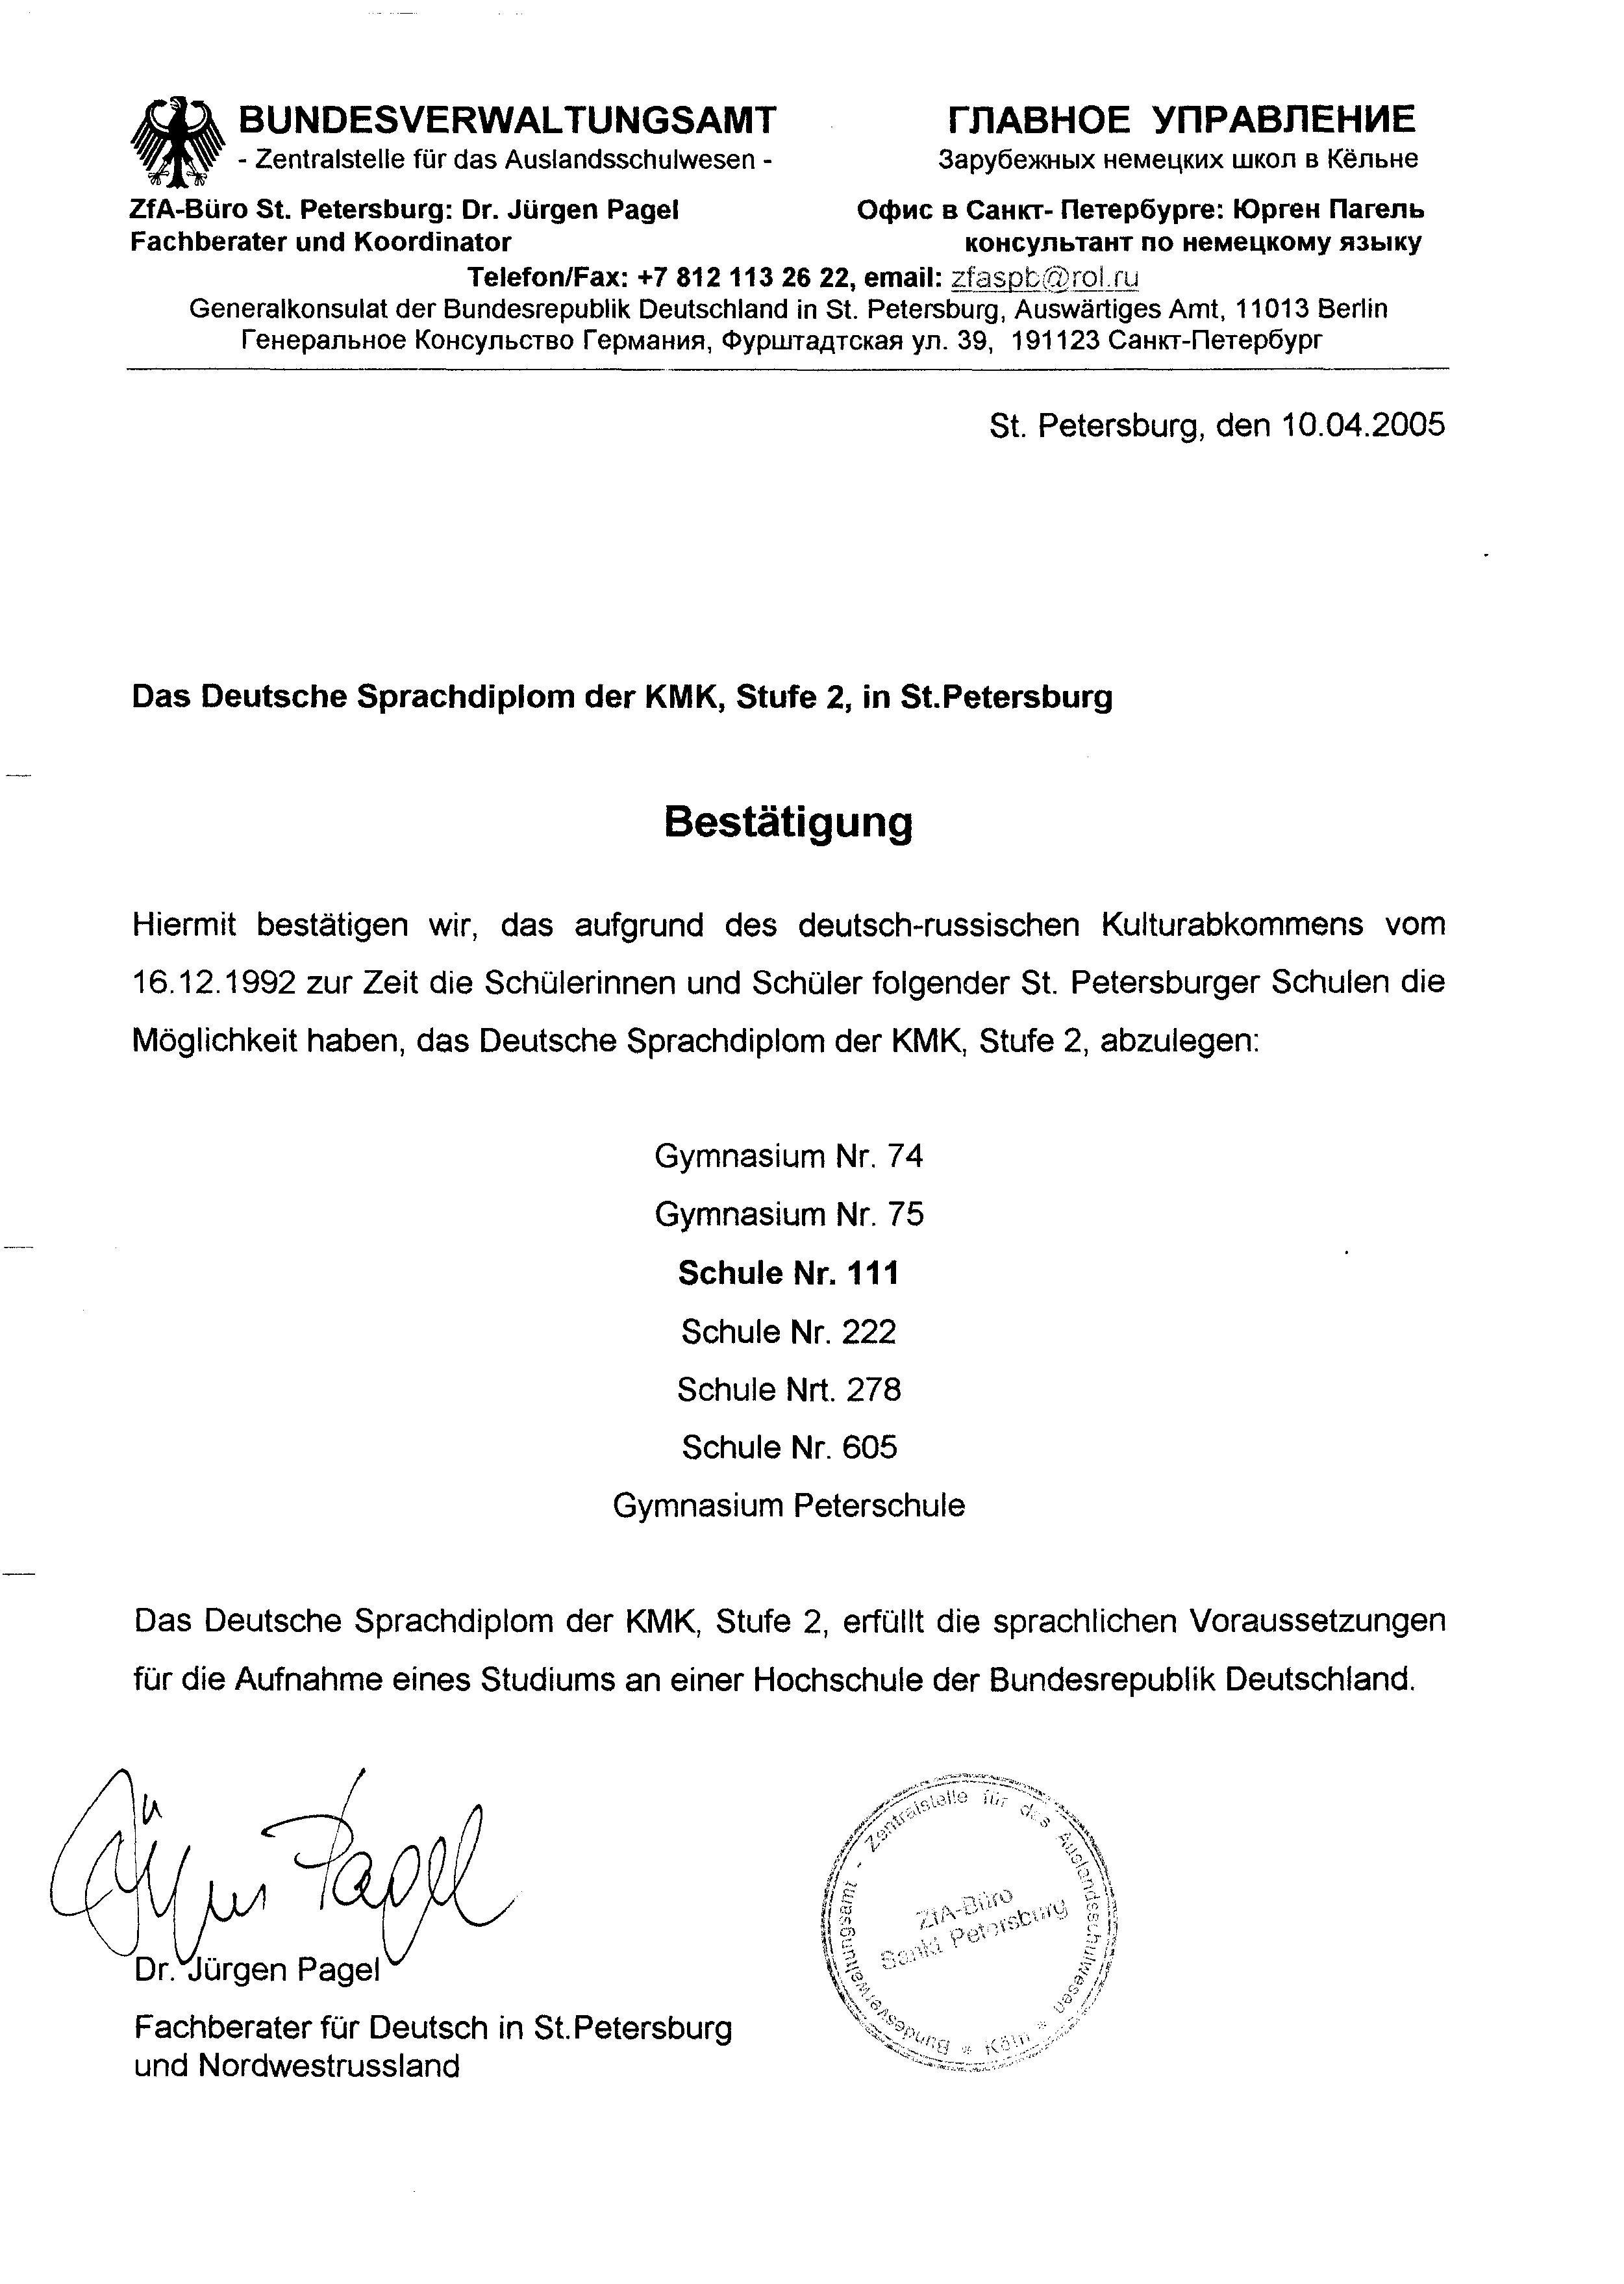 Немецкий языковой диплом Экзамен и подготовка к нему являются бесплатными в отличие от Гёте института